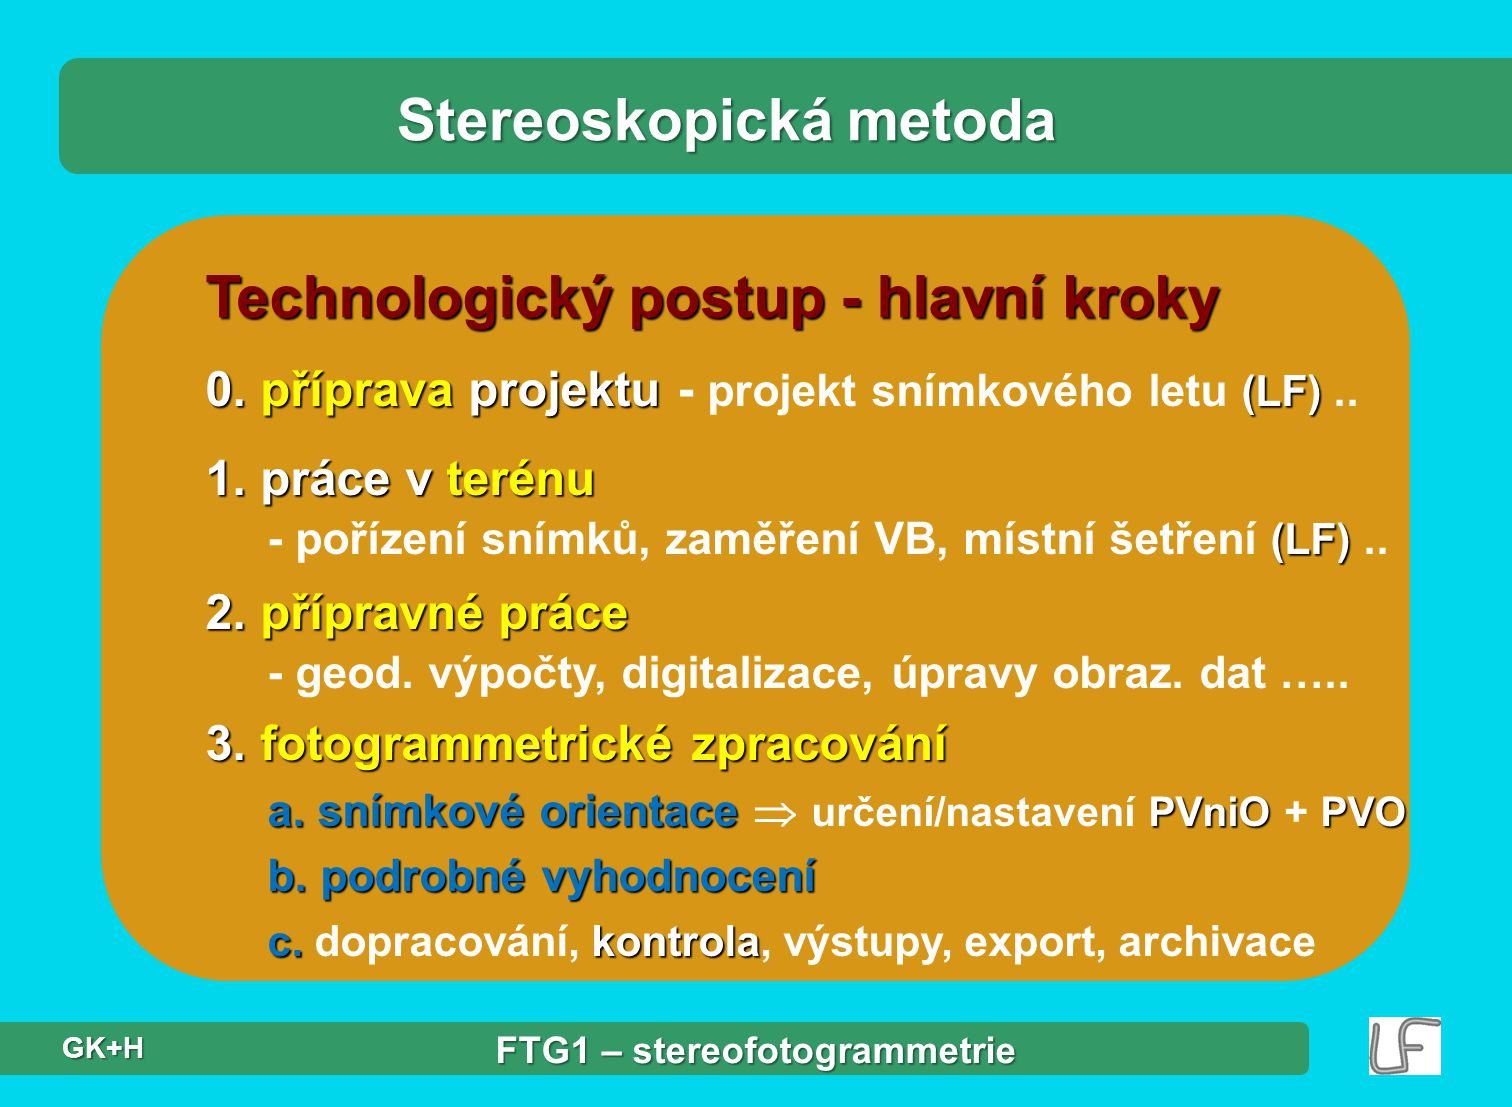 Technologický postup - hlavní kroky Stereoskopická metoda 0. příprava projektu (LF) 0. příprava projektu - projekt snímkového letu (LF).. 1. práce v t